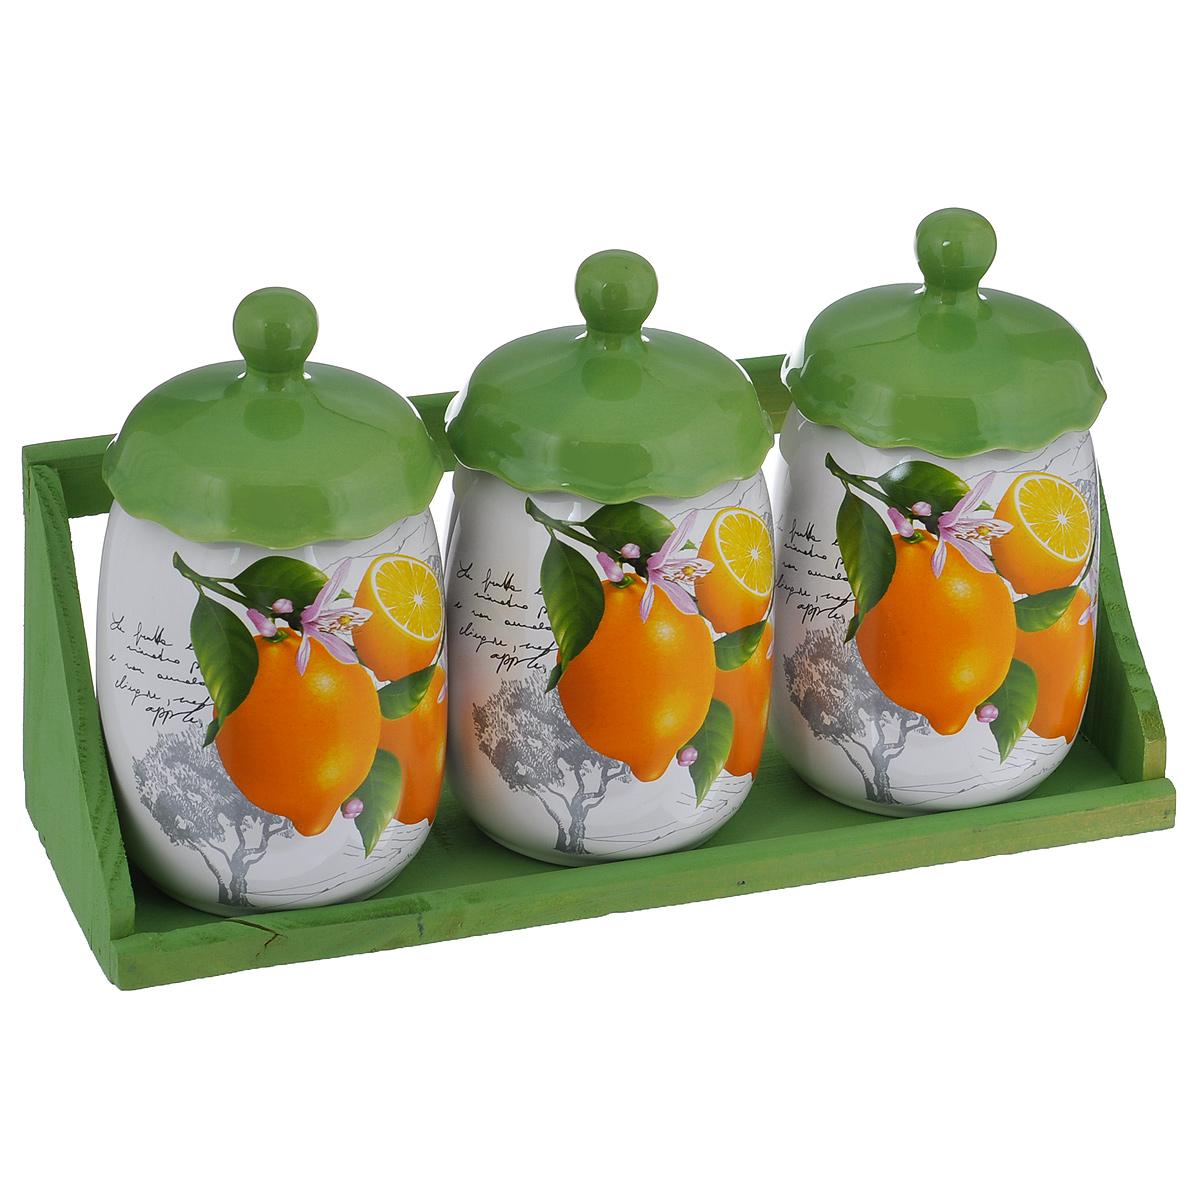 Набор банок для хранения сыпучих продуктов Лимоны, цвет: зеленый, белый, 4 предметаDFC00119-02207 3/SНабор Лимоны состоит из трех больших банок и подставки. Предметы набора изготовлены из доломитовой керамики и декорированы изображением лимонов. Изделия помещаются на удобную деревянную подставку. Оригинальный дизайн, эстетичность и функциональность набора позволят ему стать достойным дополнением к кухонному инвентарю.Можно мыть в посудомоечной машине на минимальной температуре.Диаметр основания: 7,5 см.Высота емкости (без учета крышки): 13 см.Размер подставки: 31,5 см х 11 см х 10,5 см.